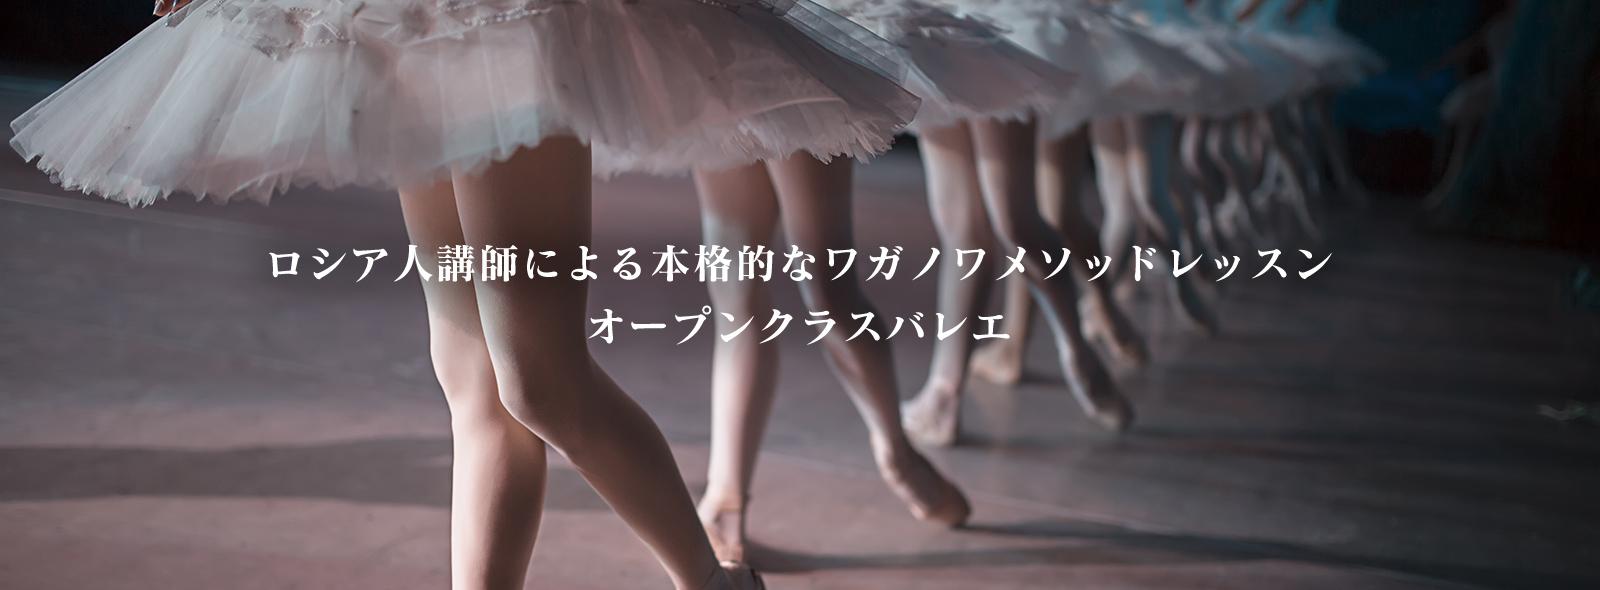 バレエスタジオ リビーナ